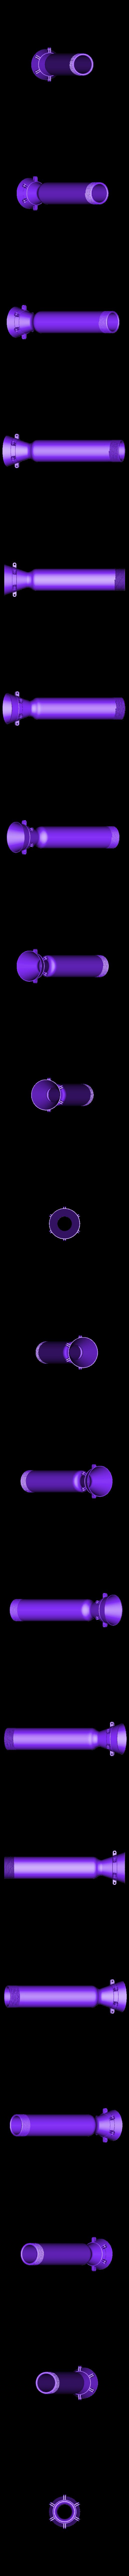 body.stl Télécharger fichier STL Fusée M72 • Design pour imprimante 3D, Punisher_4u